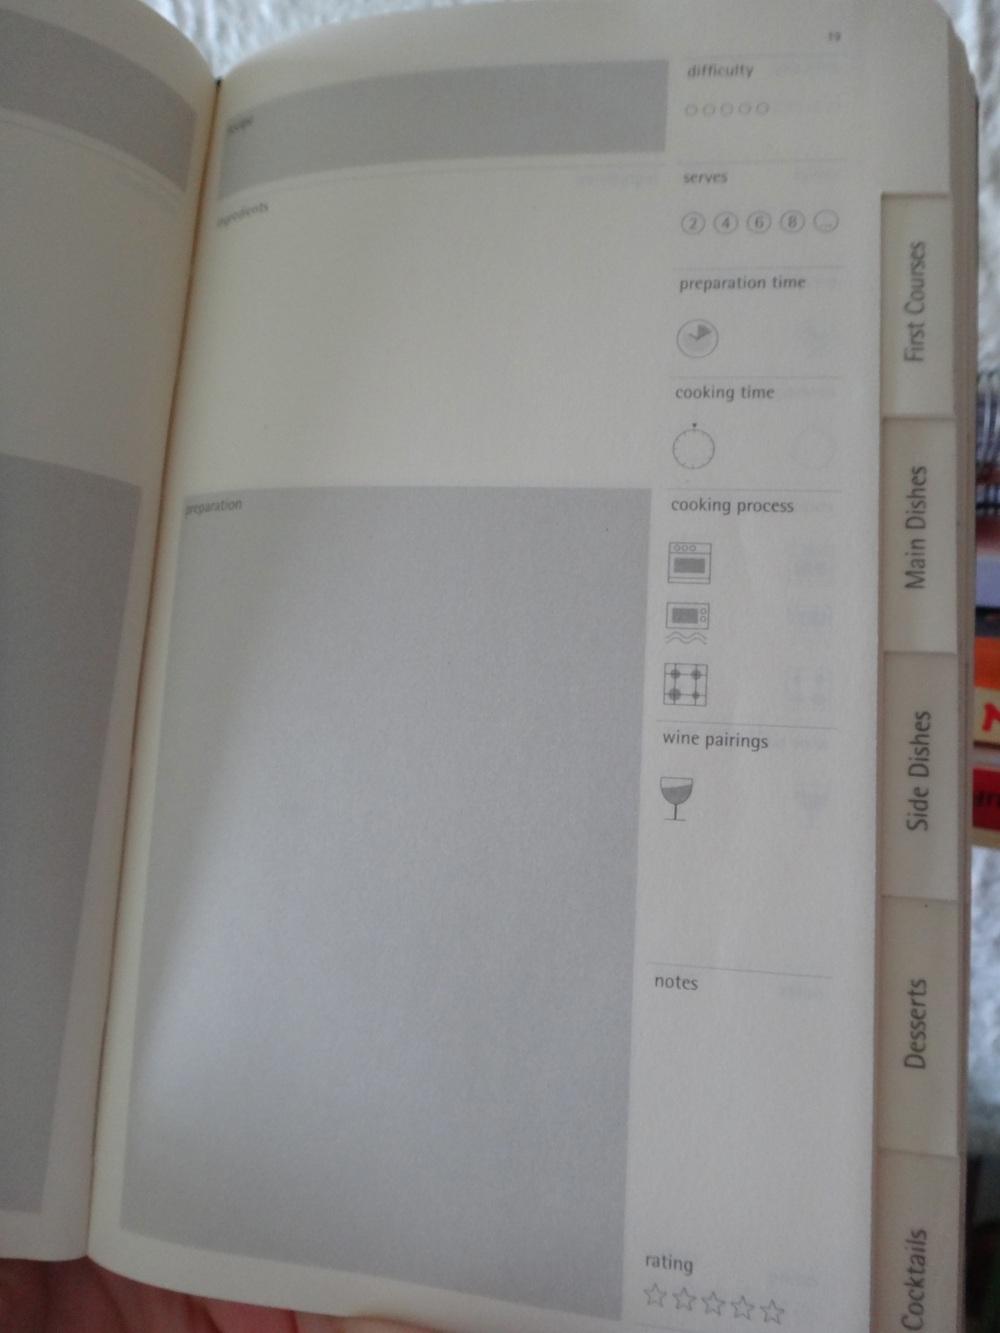 Divisão interna do Moleskini ajuda você a separar os diferentes pratos de um menu e os detalhes acerca do preparo